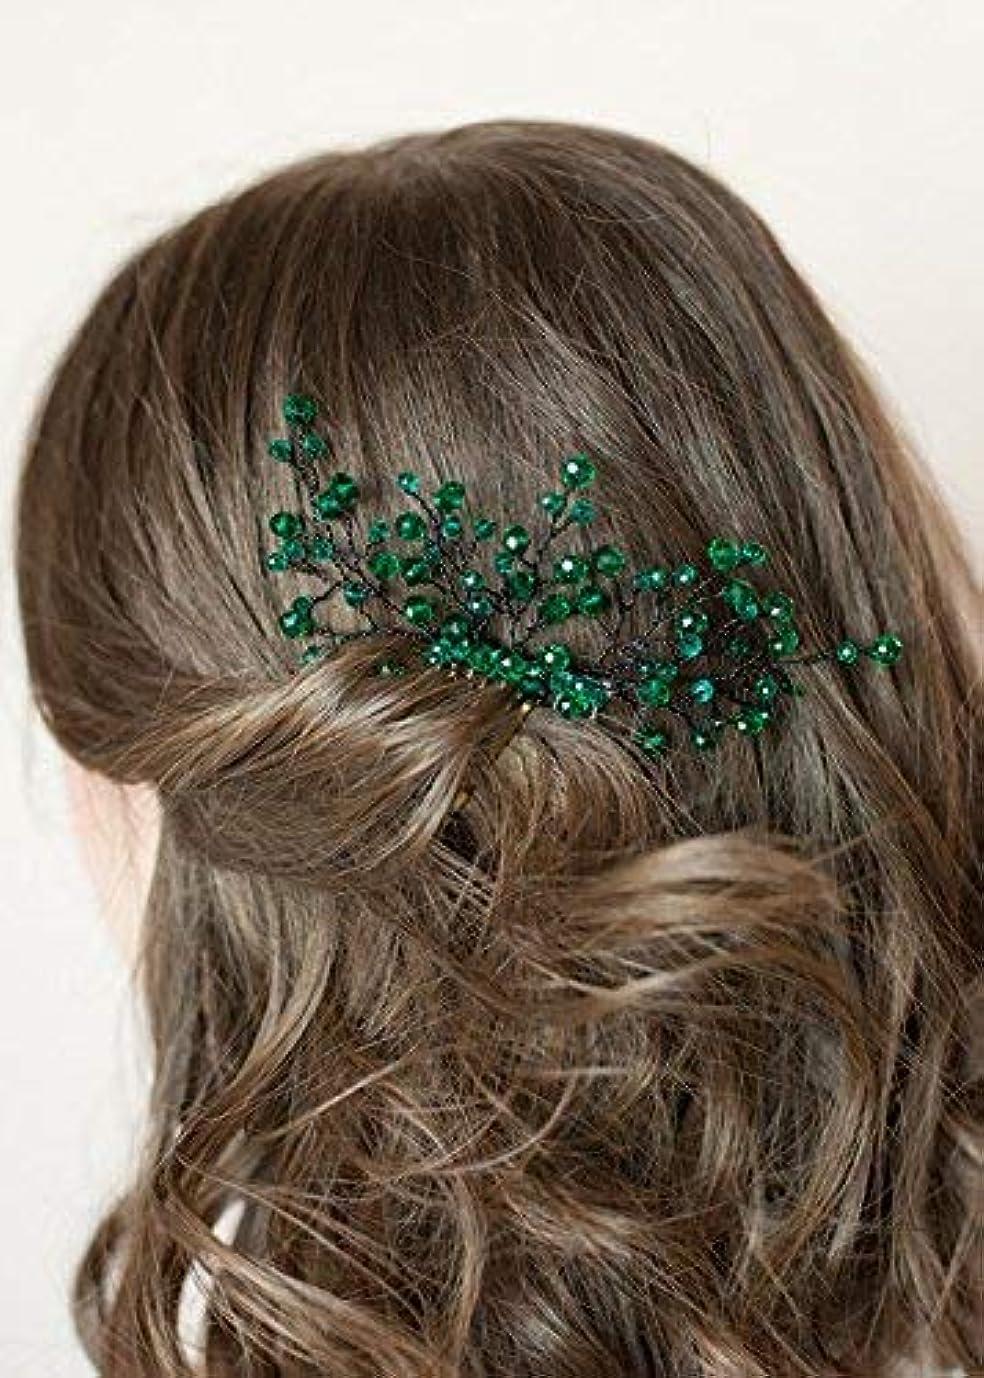 ホイスト不誠実しばしばFXmimior Bridal Women Green Vintage Wedding Party Crystal Rhinestone Vintage Hair Comb Hair Accessories [並行輸入品]